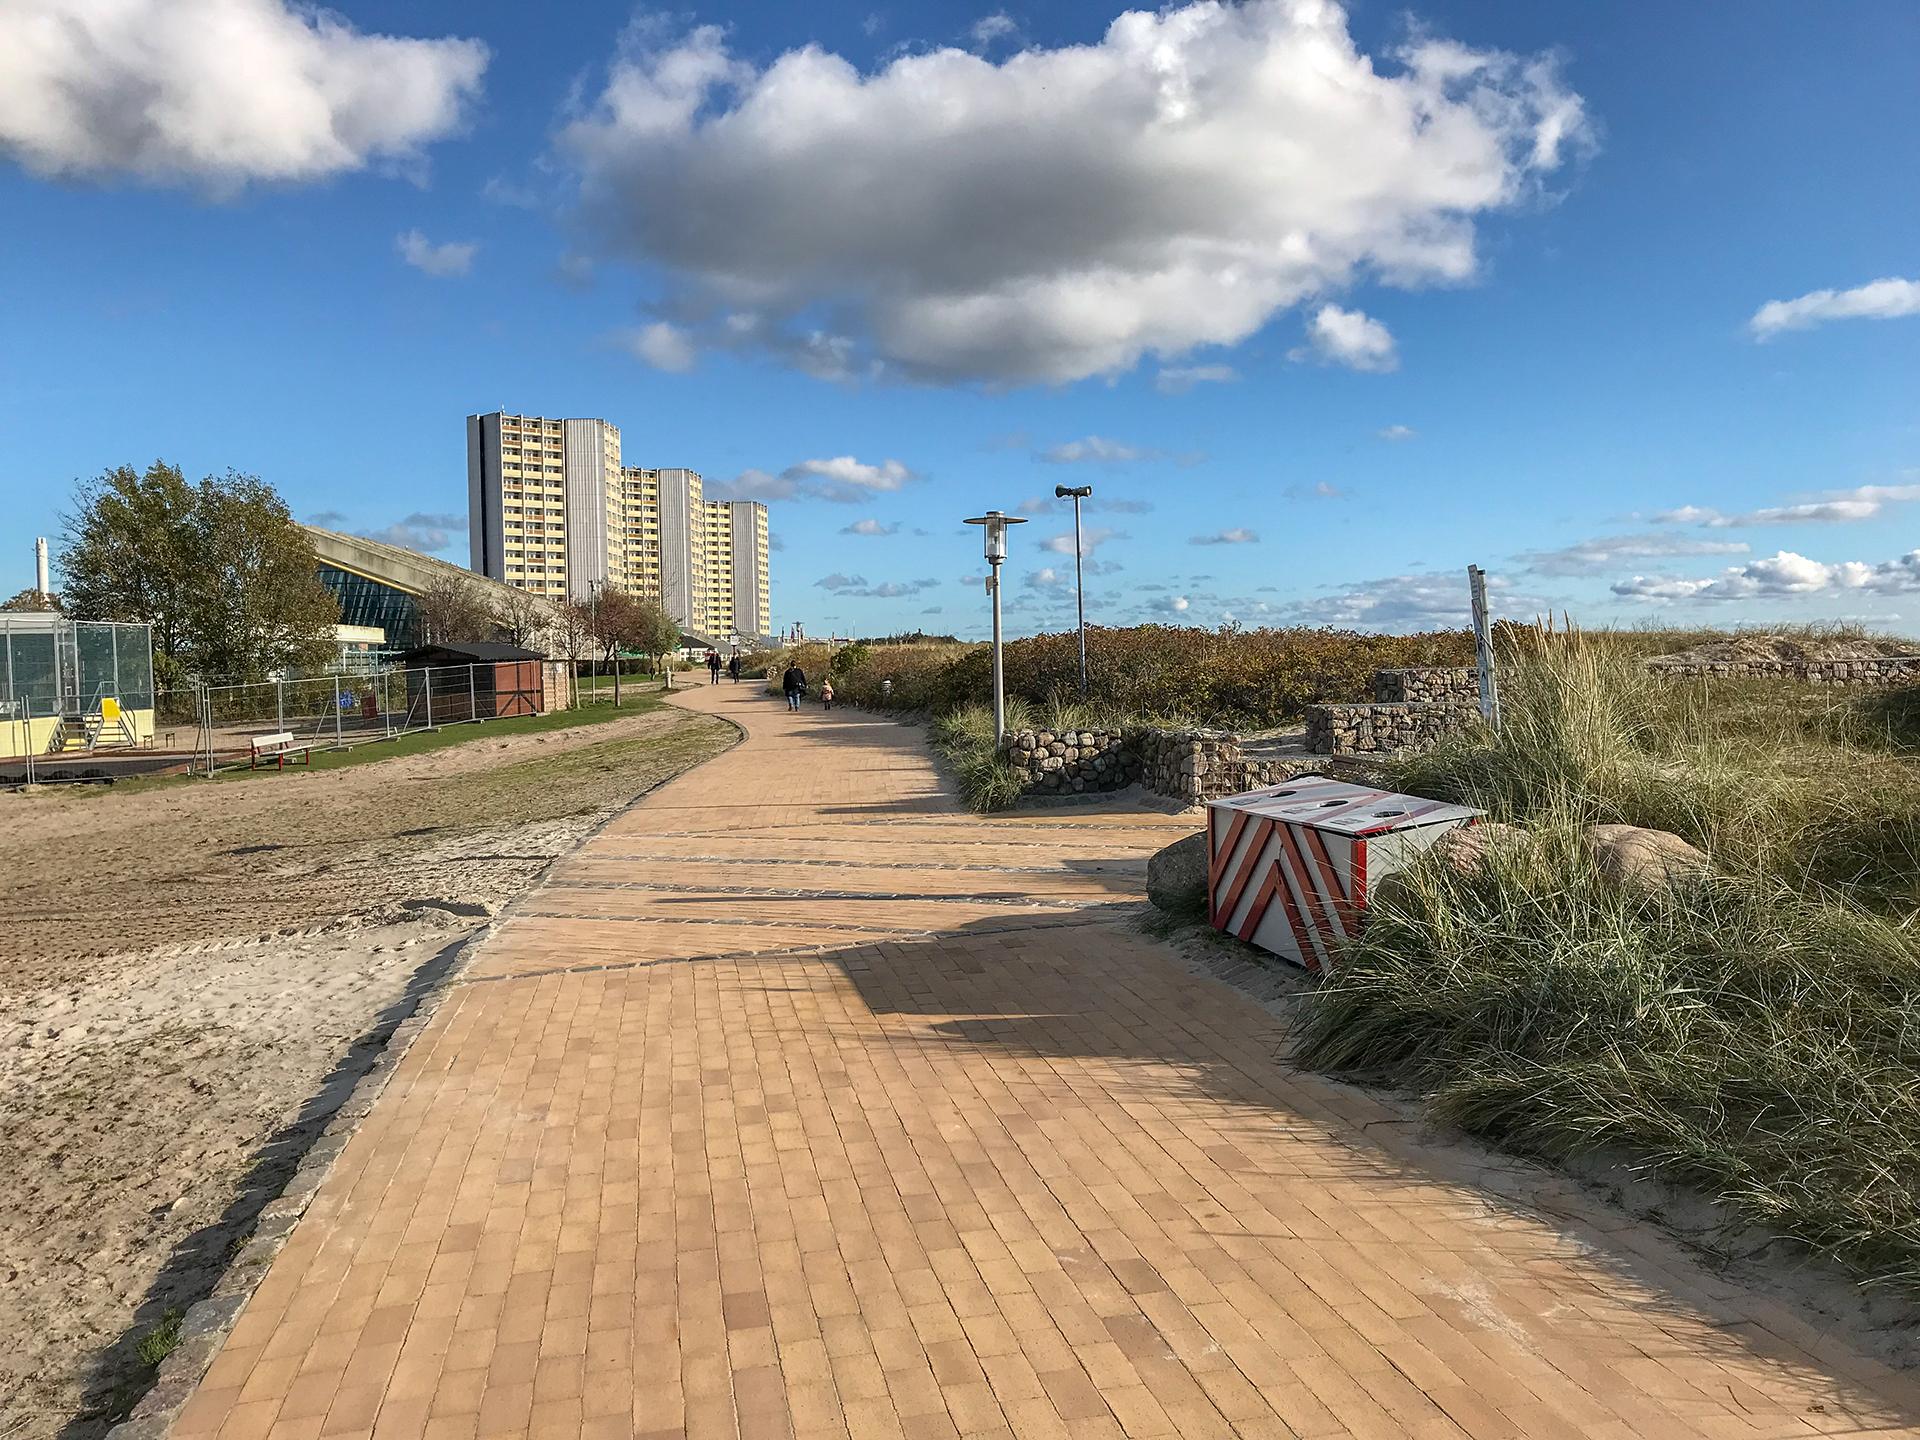 Fehmarn Südstrand, Unter Denkmalschutz: Haus des Gastes, Meerwasserwellenbad, IFA Häuser, Herbst 2019